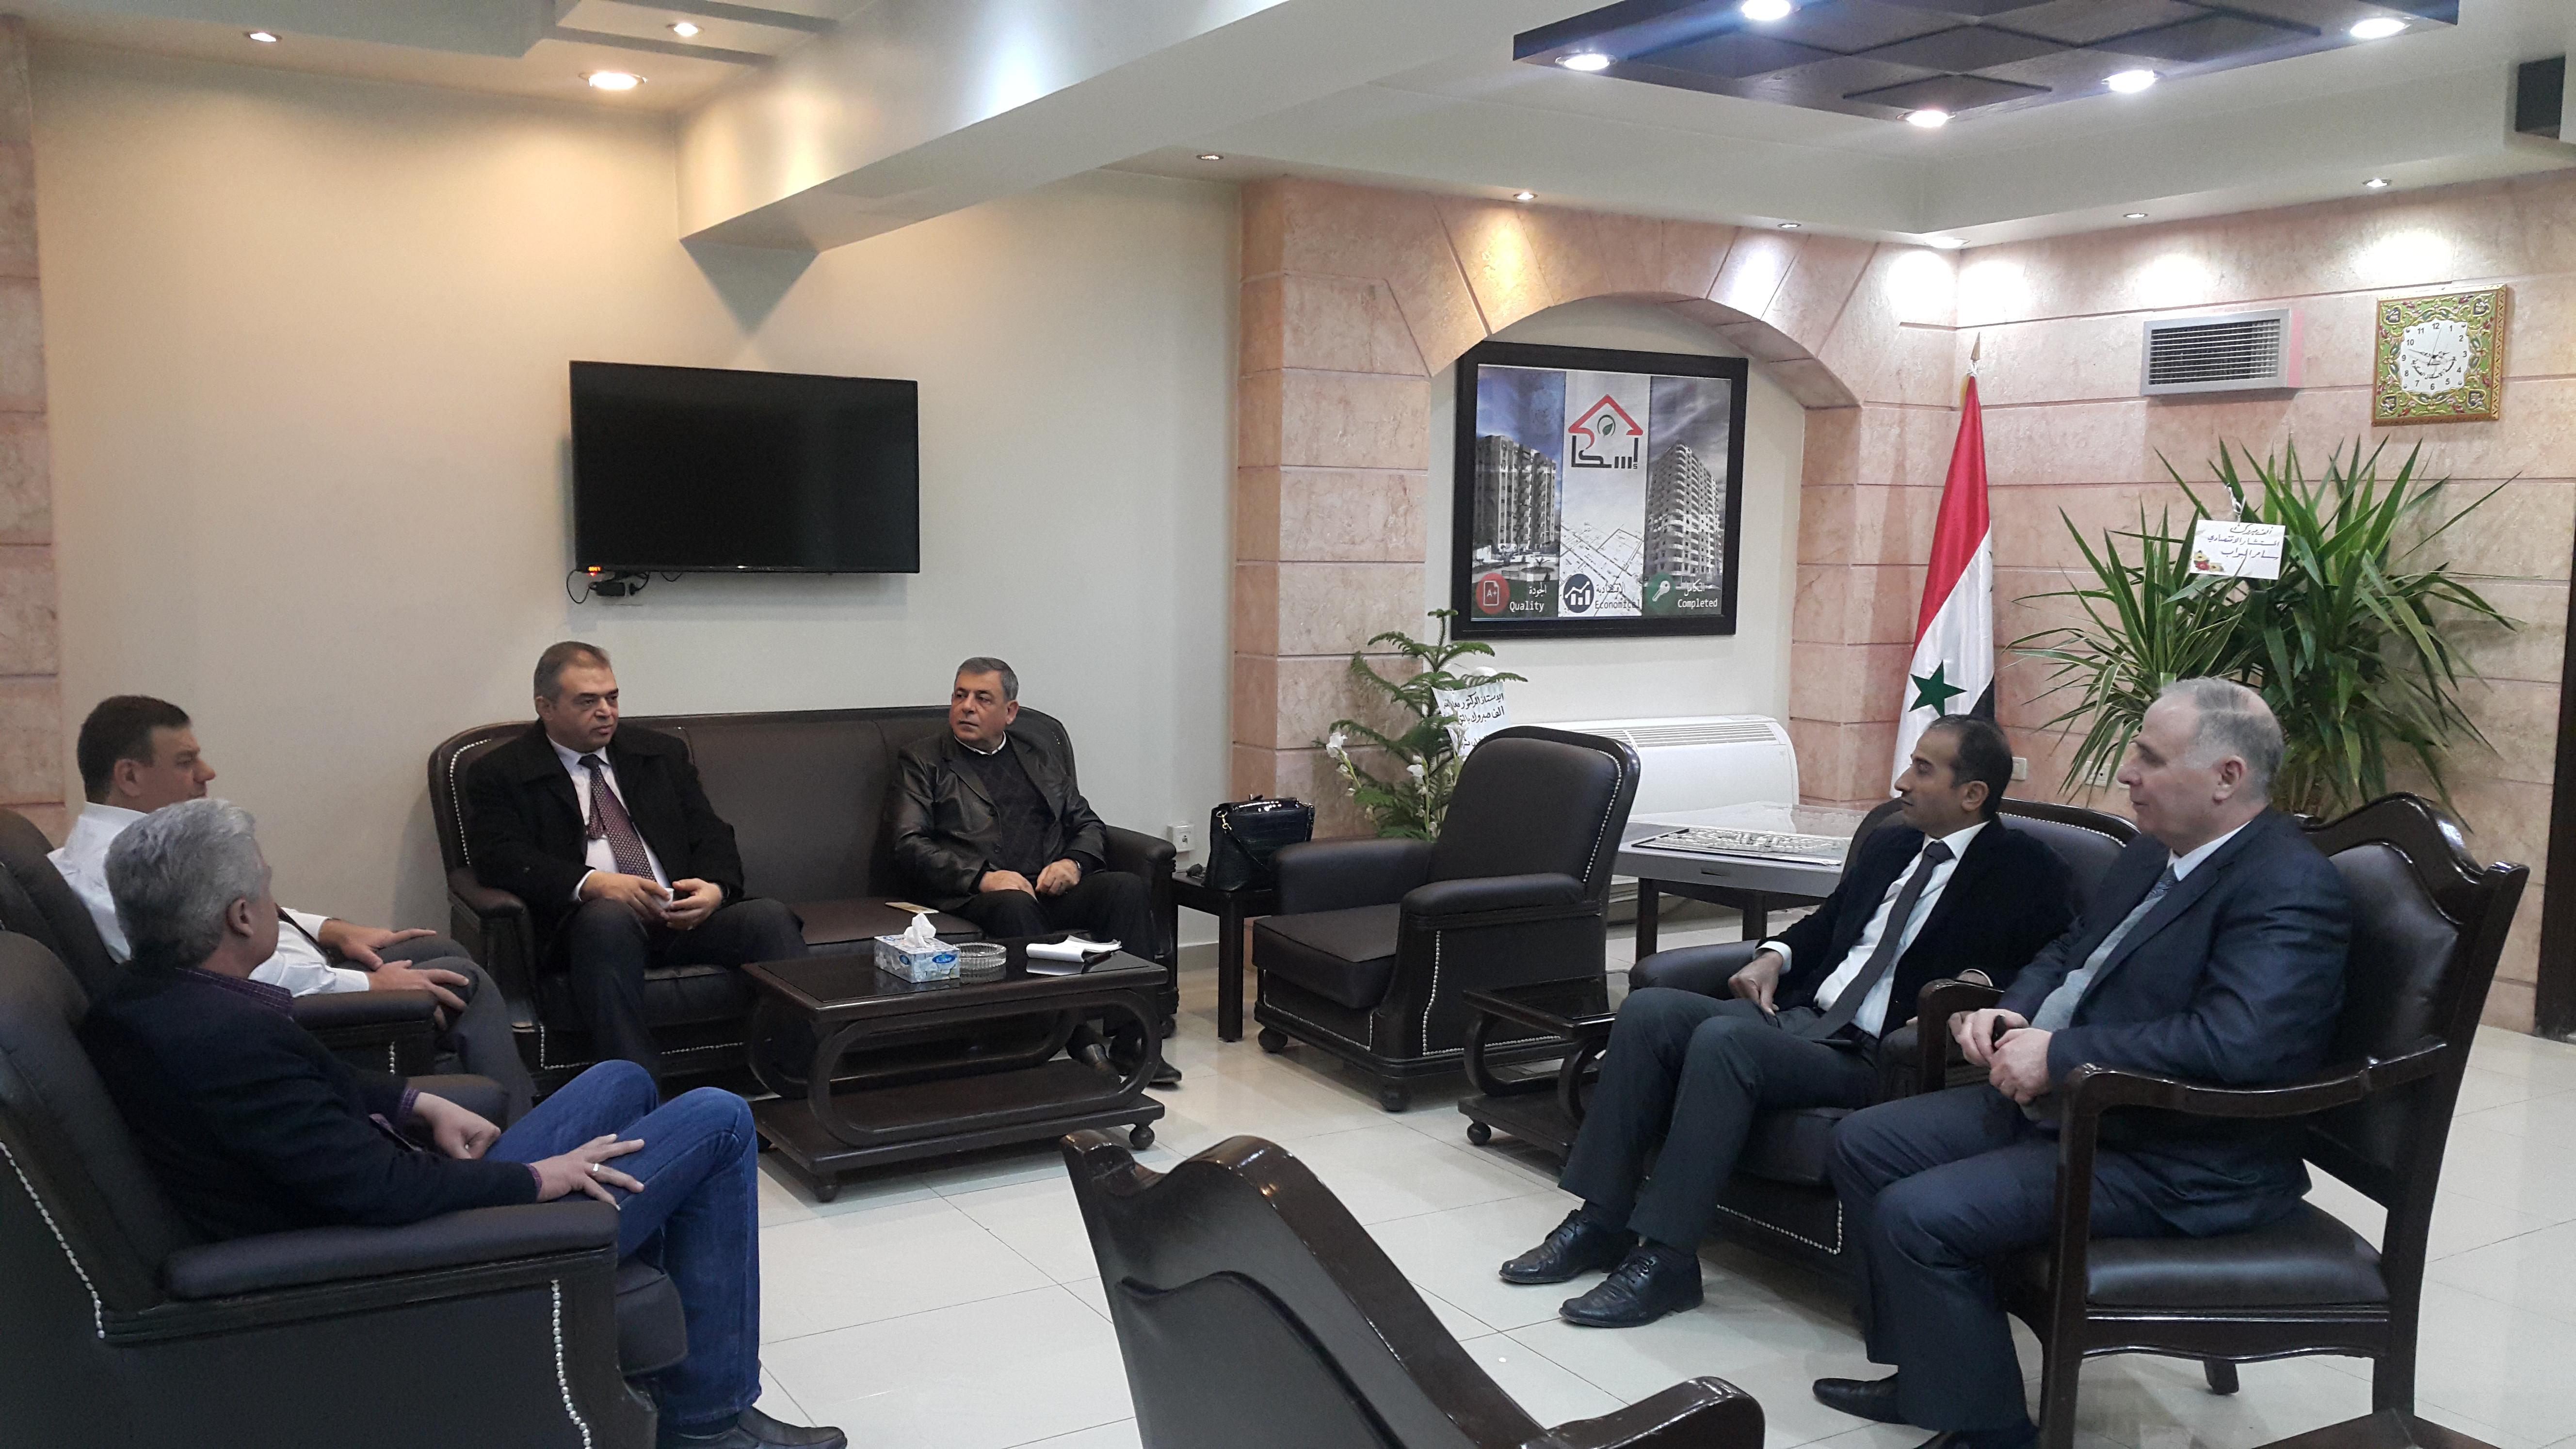 استعدادا للمؤتمر الاقتصادي الثاني .. وفد تجمع سورية الام يلتقي المدير العام لمؤسسة الأسكان العامة